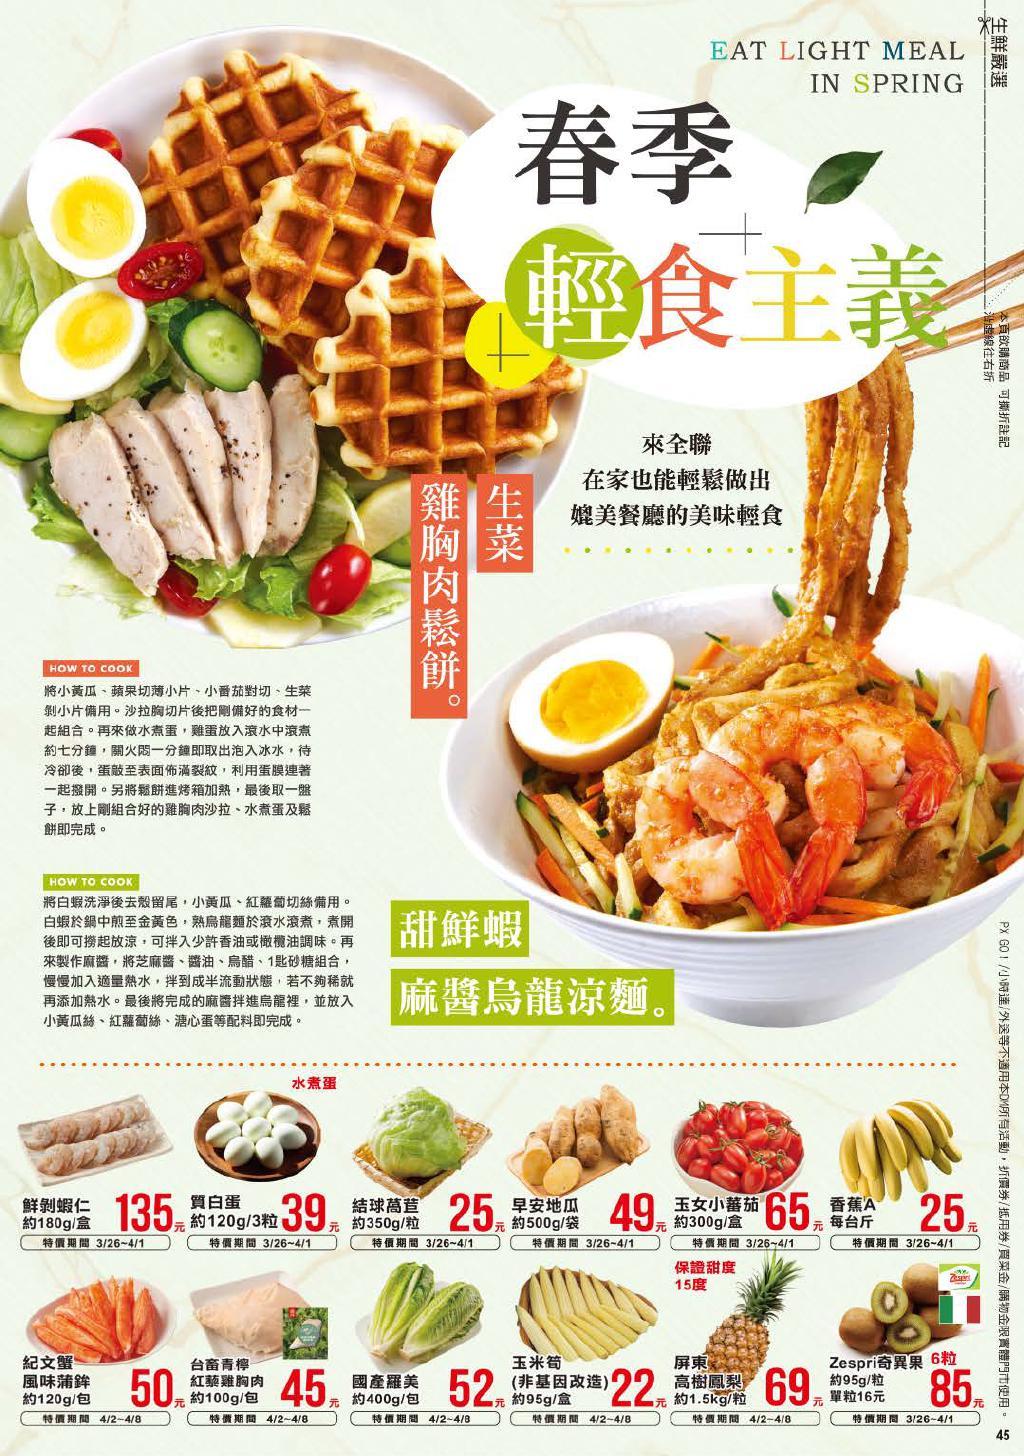 全聯福利中心 DM【2021/4/8 止】全聯生活誌》春季輕食主義